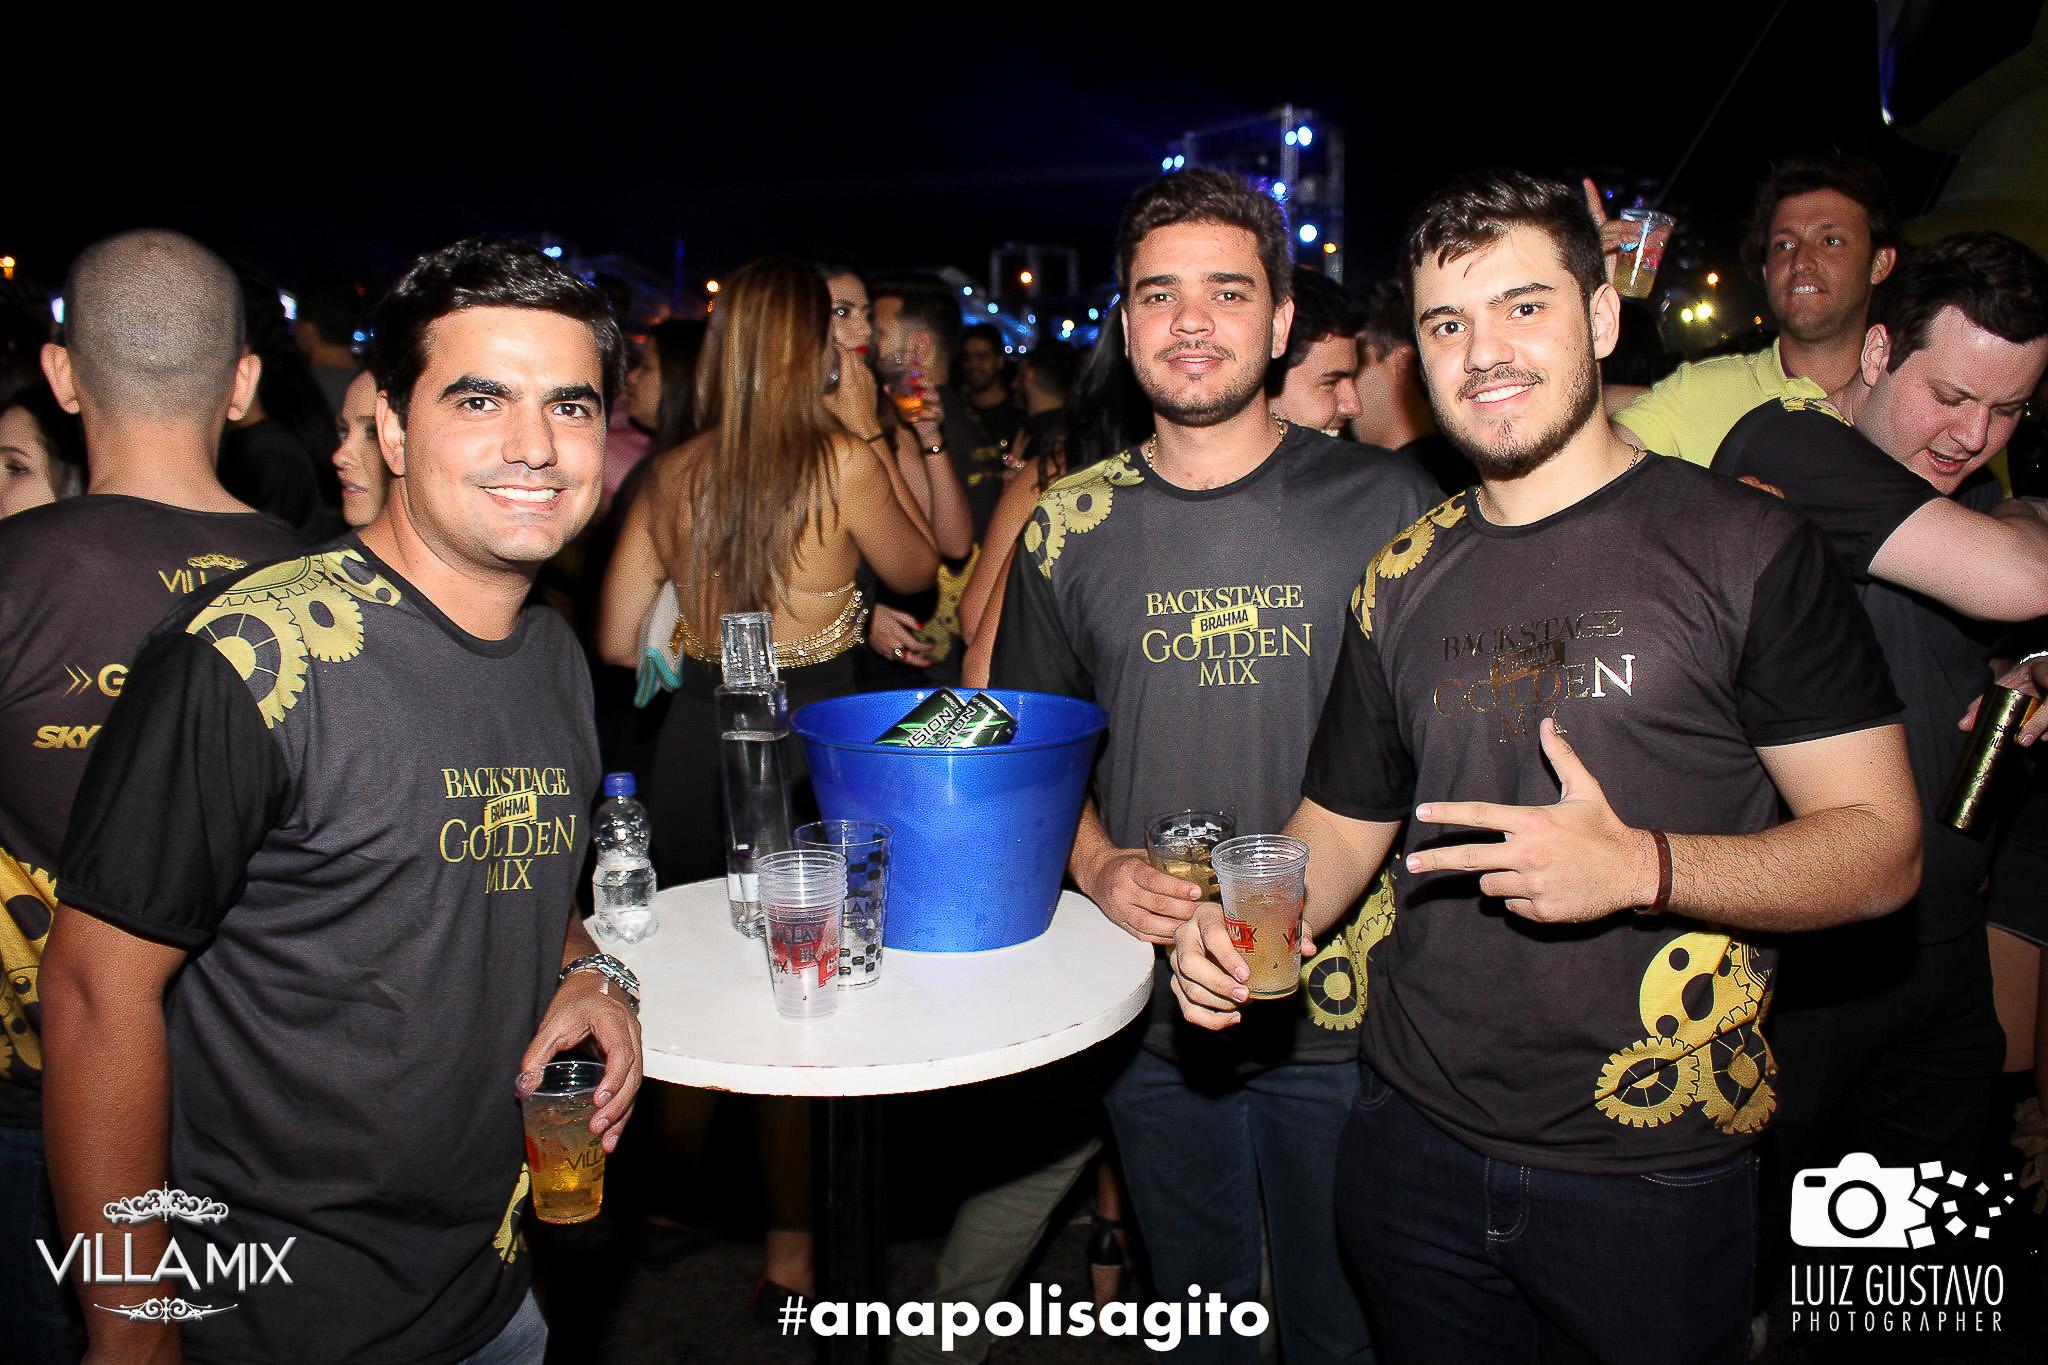 Luiz Gustavo Photographer (151 de 327)